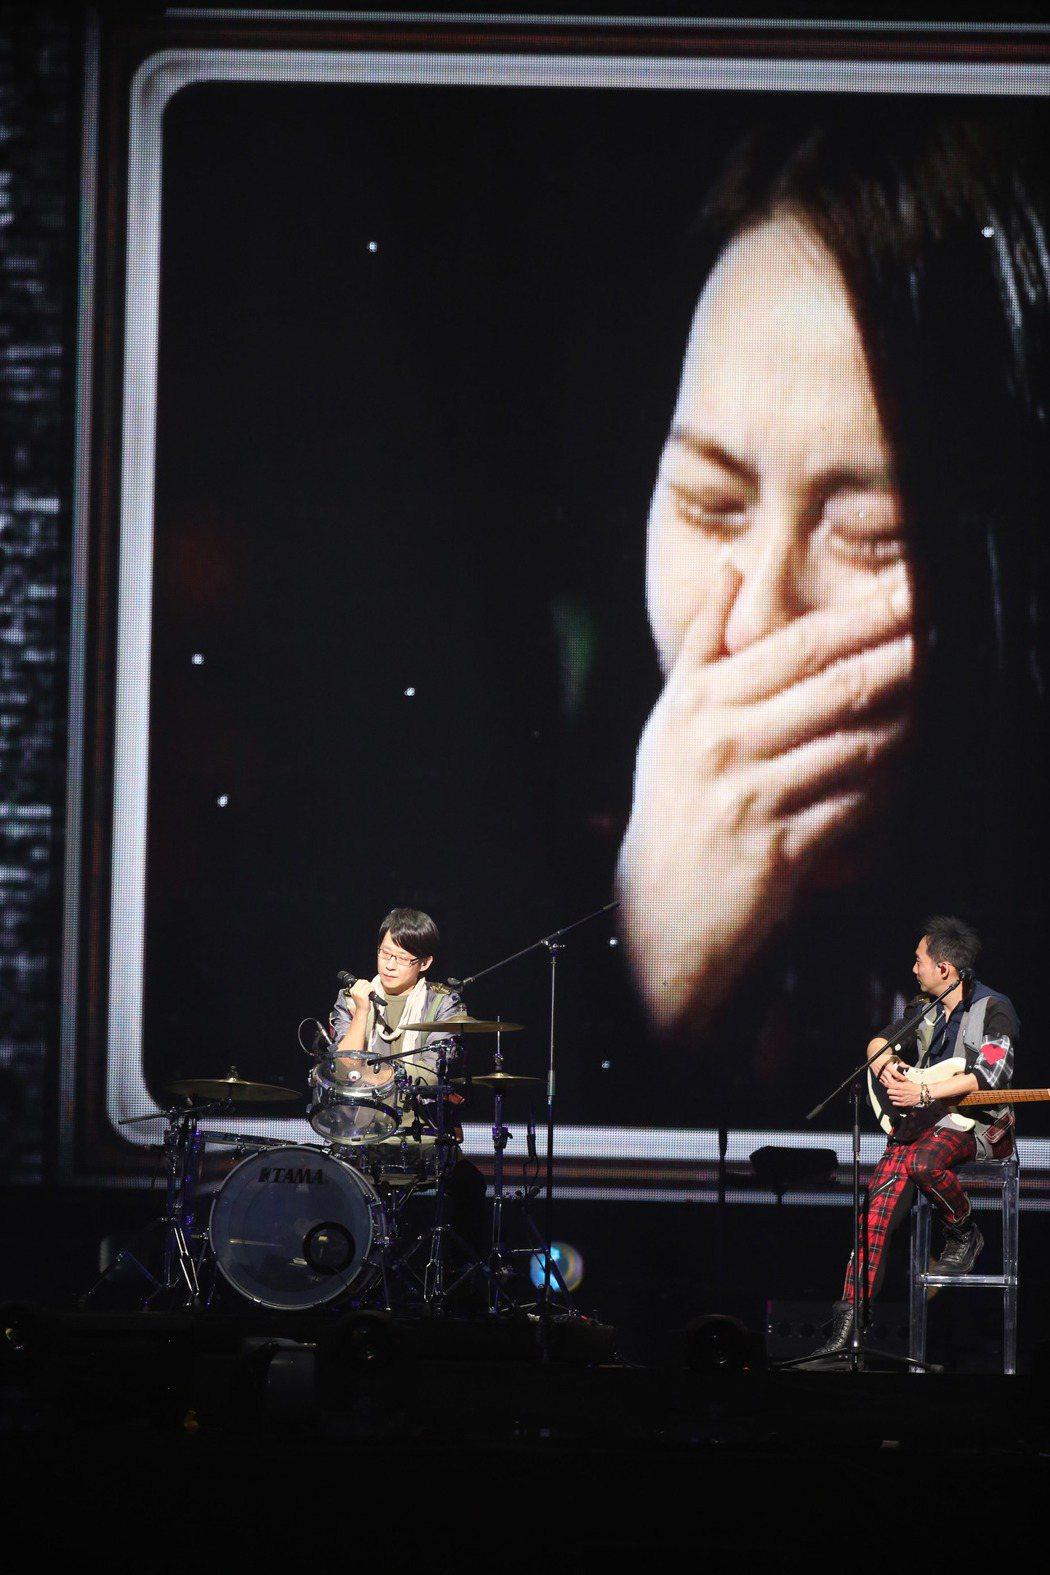 五月天去年在台北小巨蛋開唱,觀看當年冠佑求婚畫面。記者陳瑞源/攝影